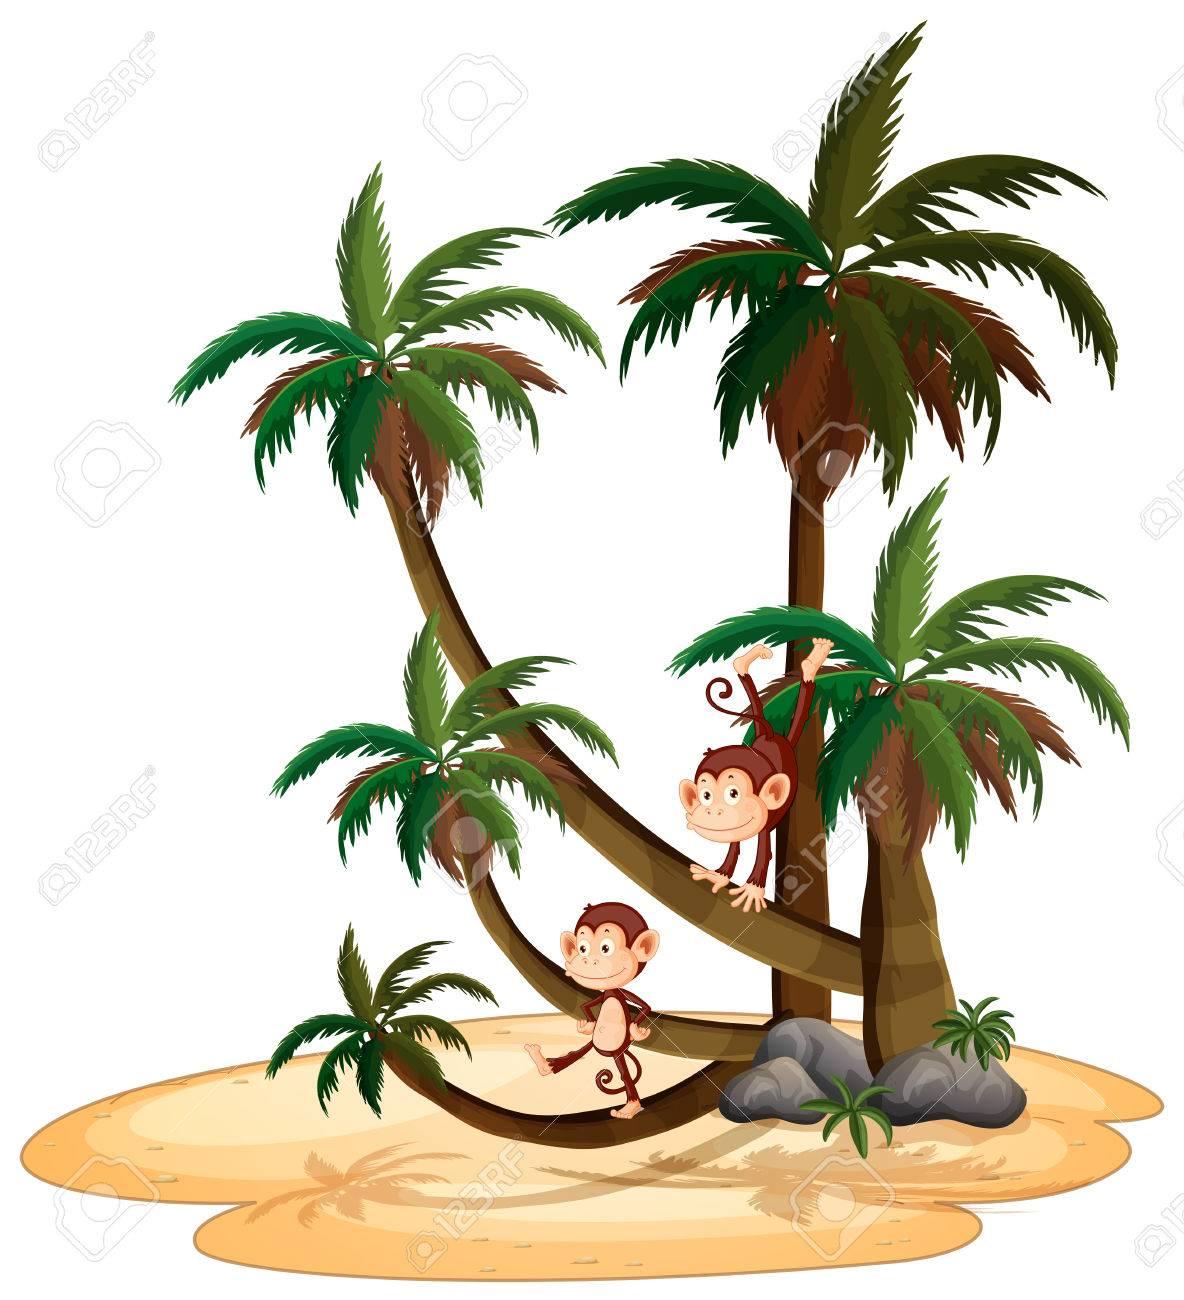 木に登って猿のイラストのイラスト素材ベクタ Image 32958459